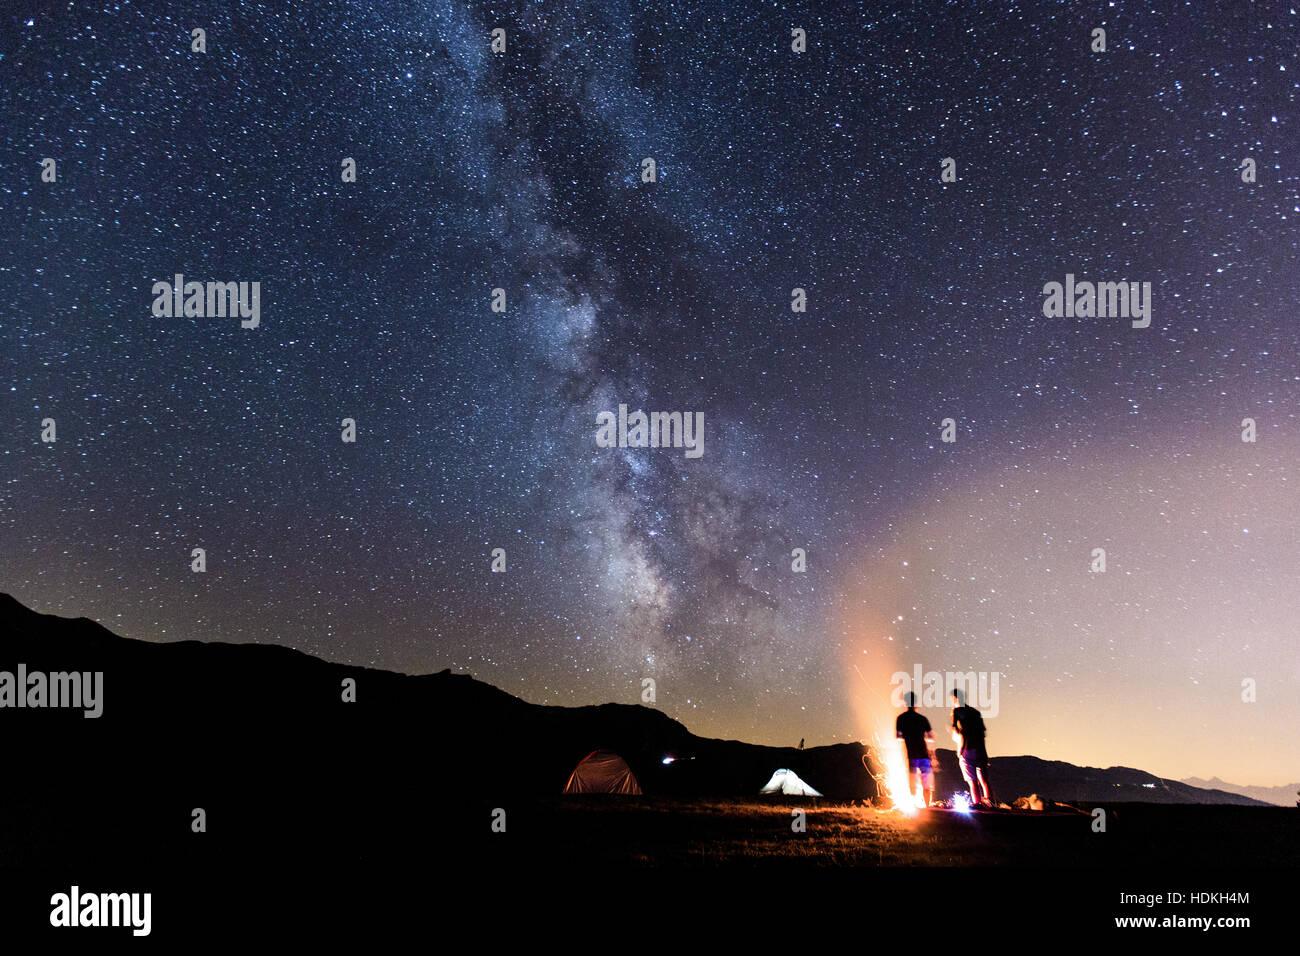 Milky Way. Nachthimmel mit Sternen und Silhouette des zwei-Mann um ein Feuer Stockfoto